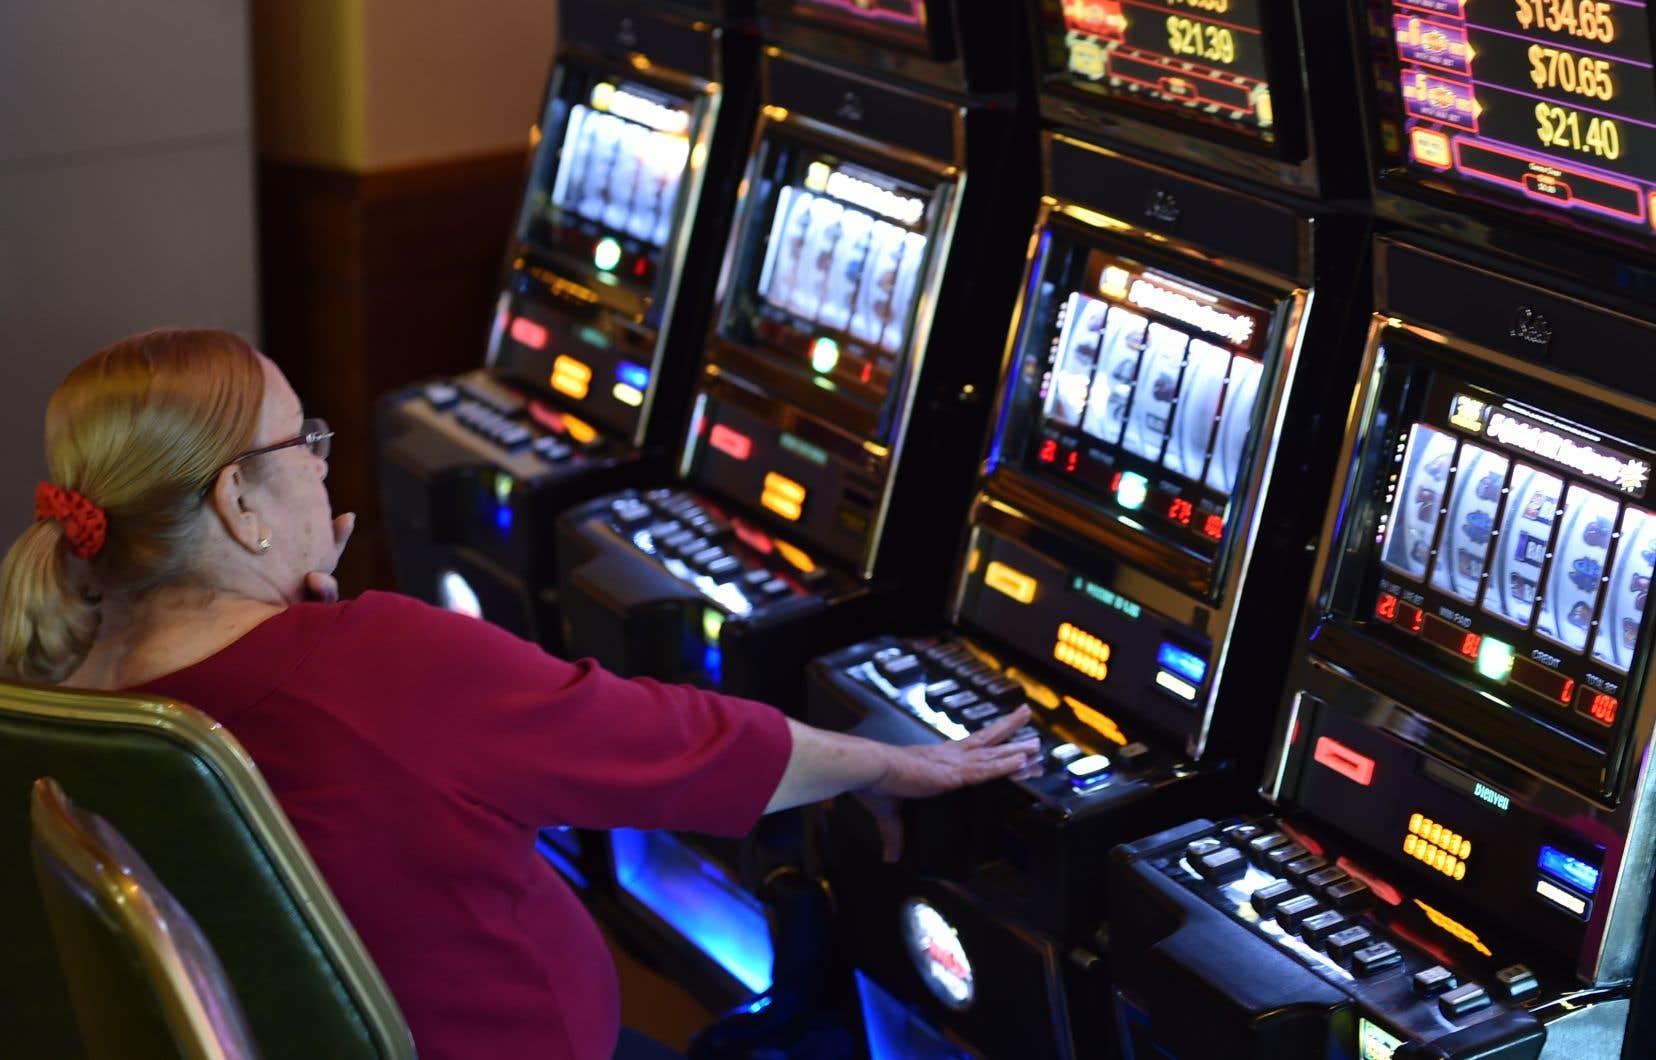 Le gouvernement de la Coalition avenir Québec envisage de déménager le salon de jeux dans un secteur touristique, loin des joueurs démunis, et de le transformer en casino.